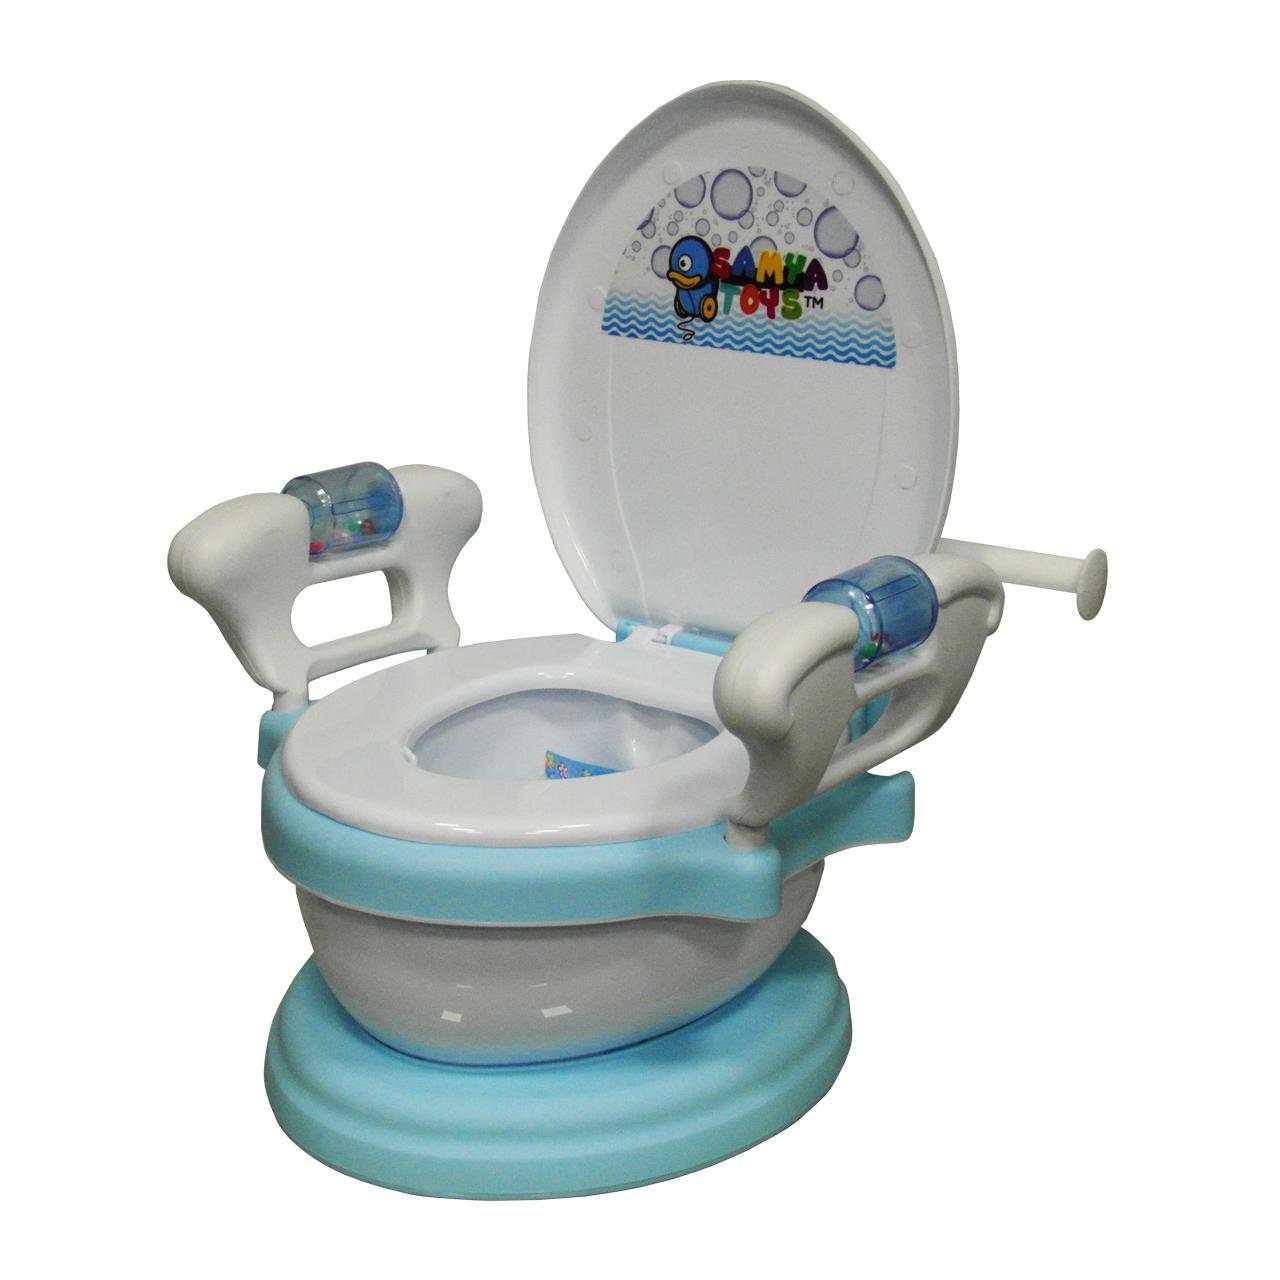 توالت فرنگی کودک سامیا تویز مدل ID16062 thumb